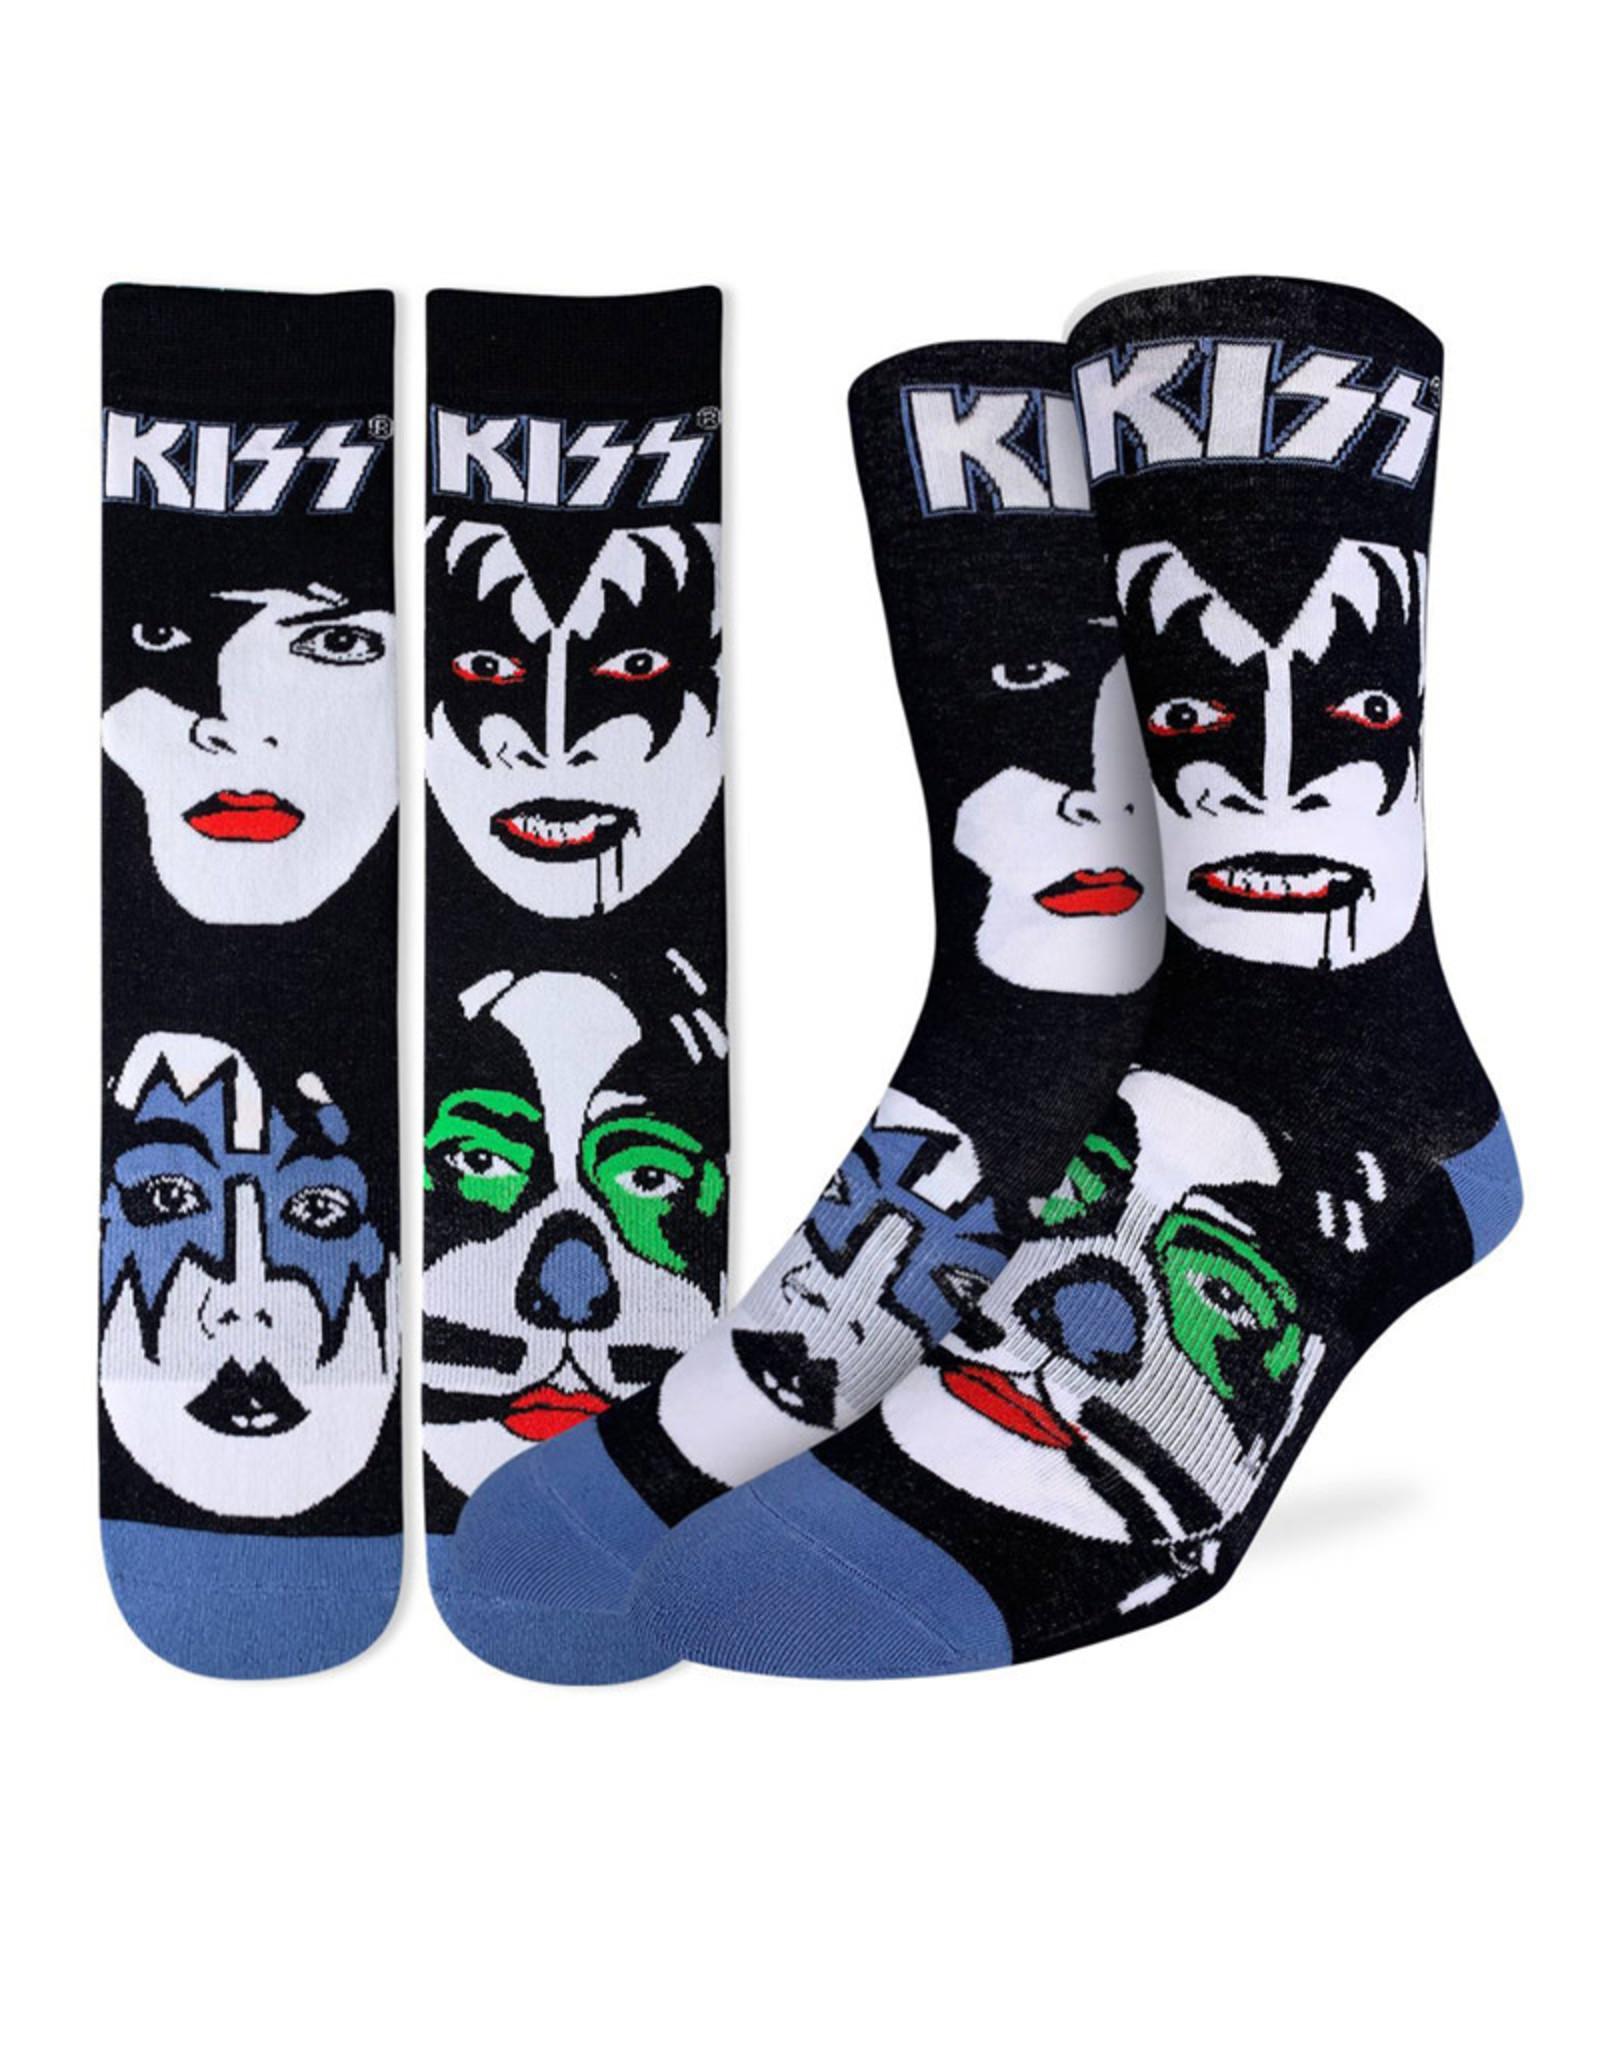 Kiss ( Good Luck Sock Socks )